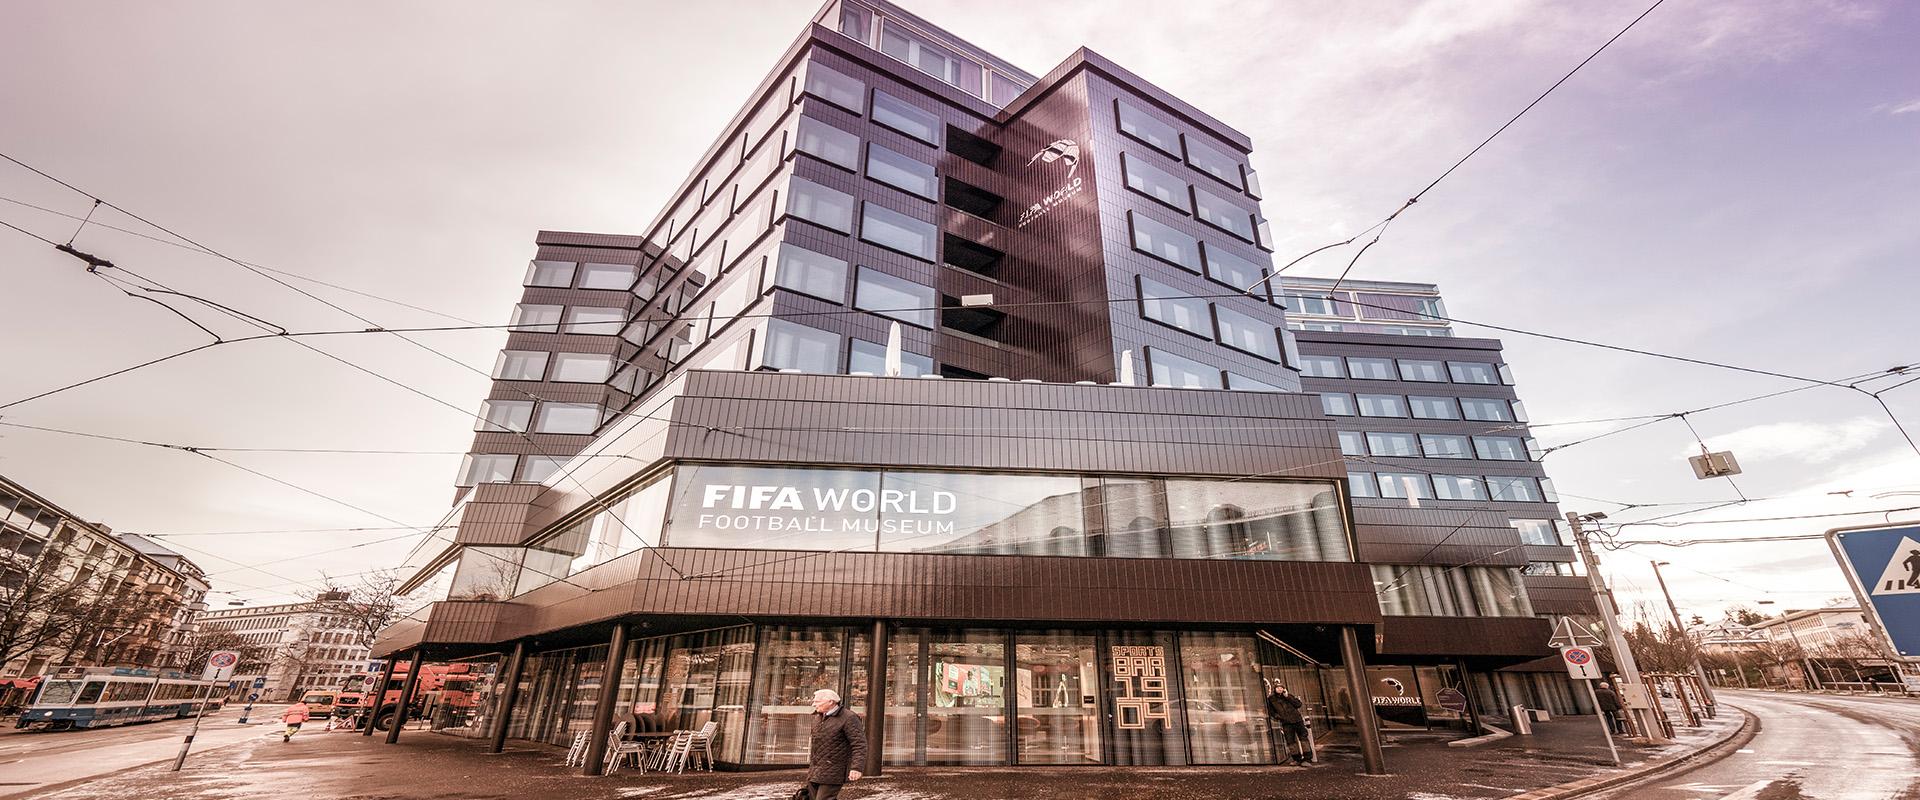 FIFA_museum_Zurich3.jpg